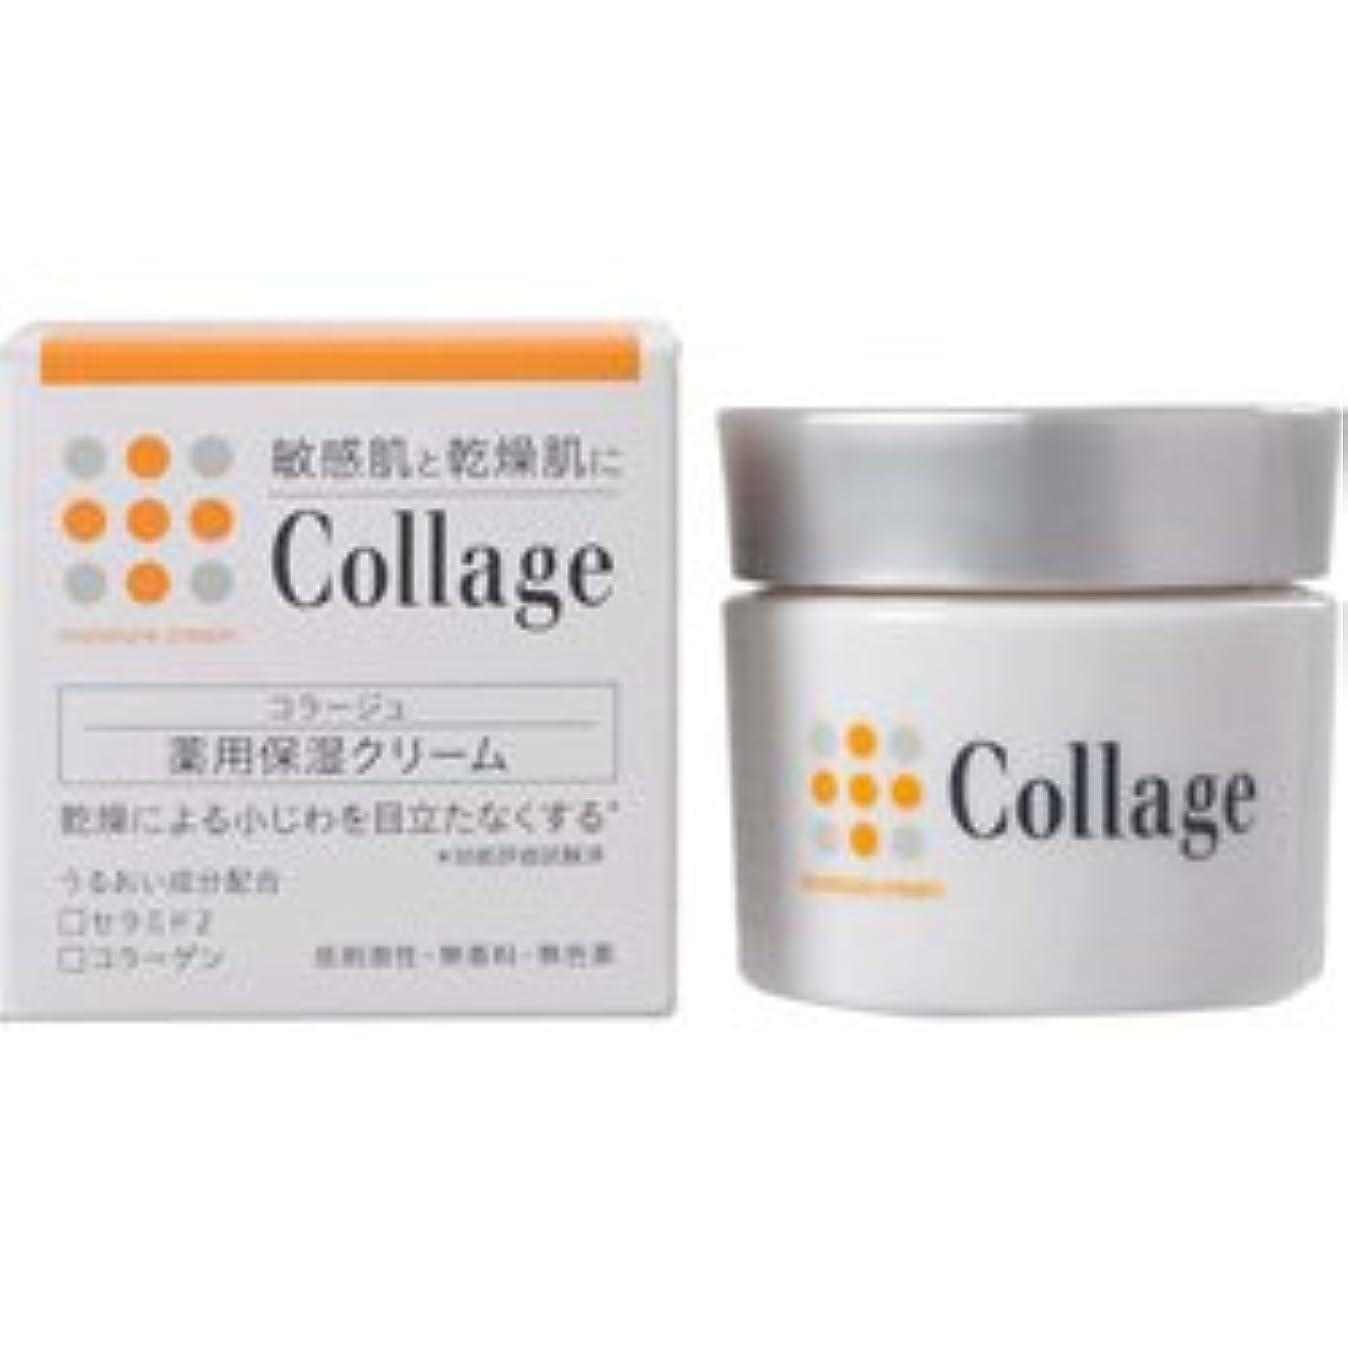 真っ逆さまスリム投資する【持田ヘルスケア】 コラージュ薬用保湿クリーム 30g (医薬部外品) ×3個セット